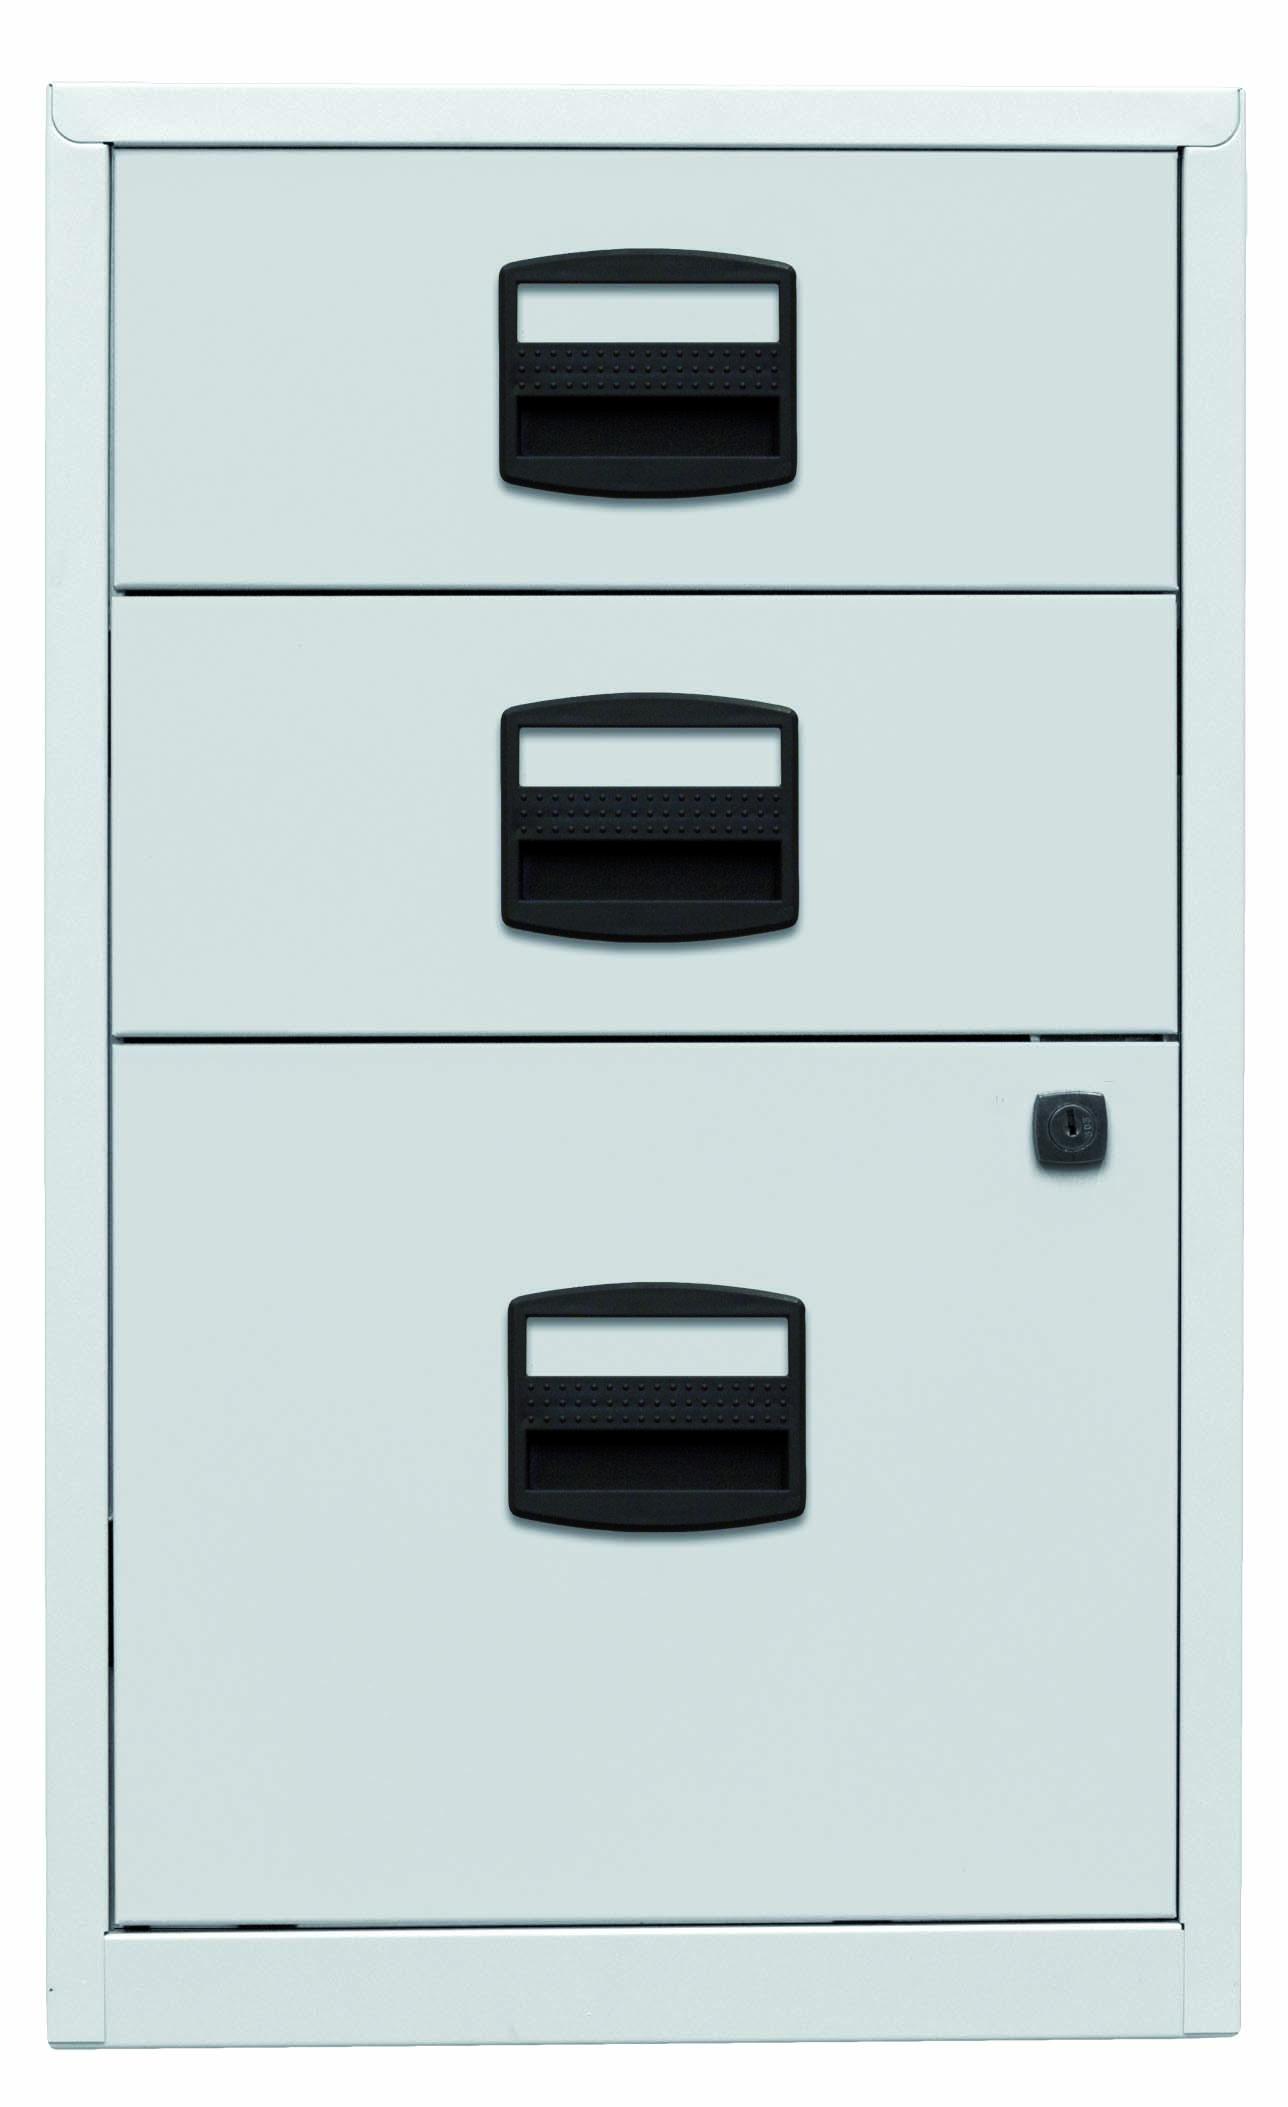 Beistellschrank PFA, 2 Universalschubladen, 1 HR-Schublade, Farbe lichtgrau